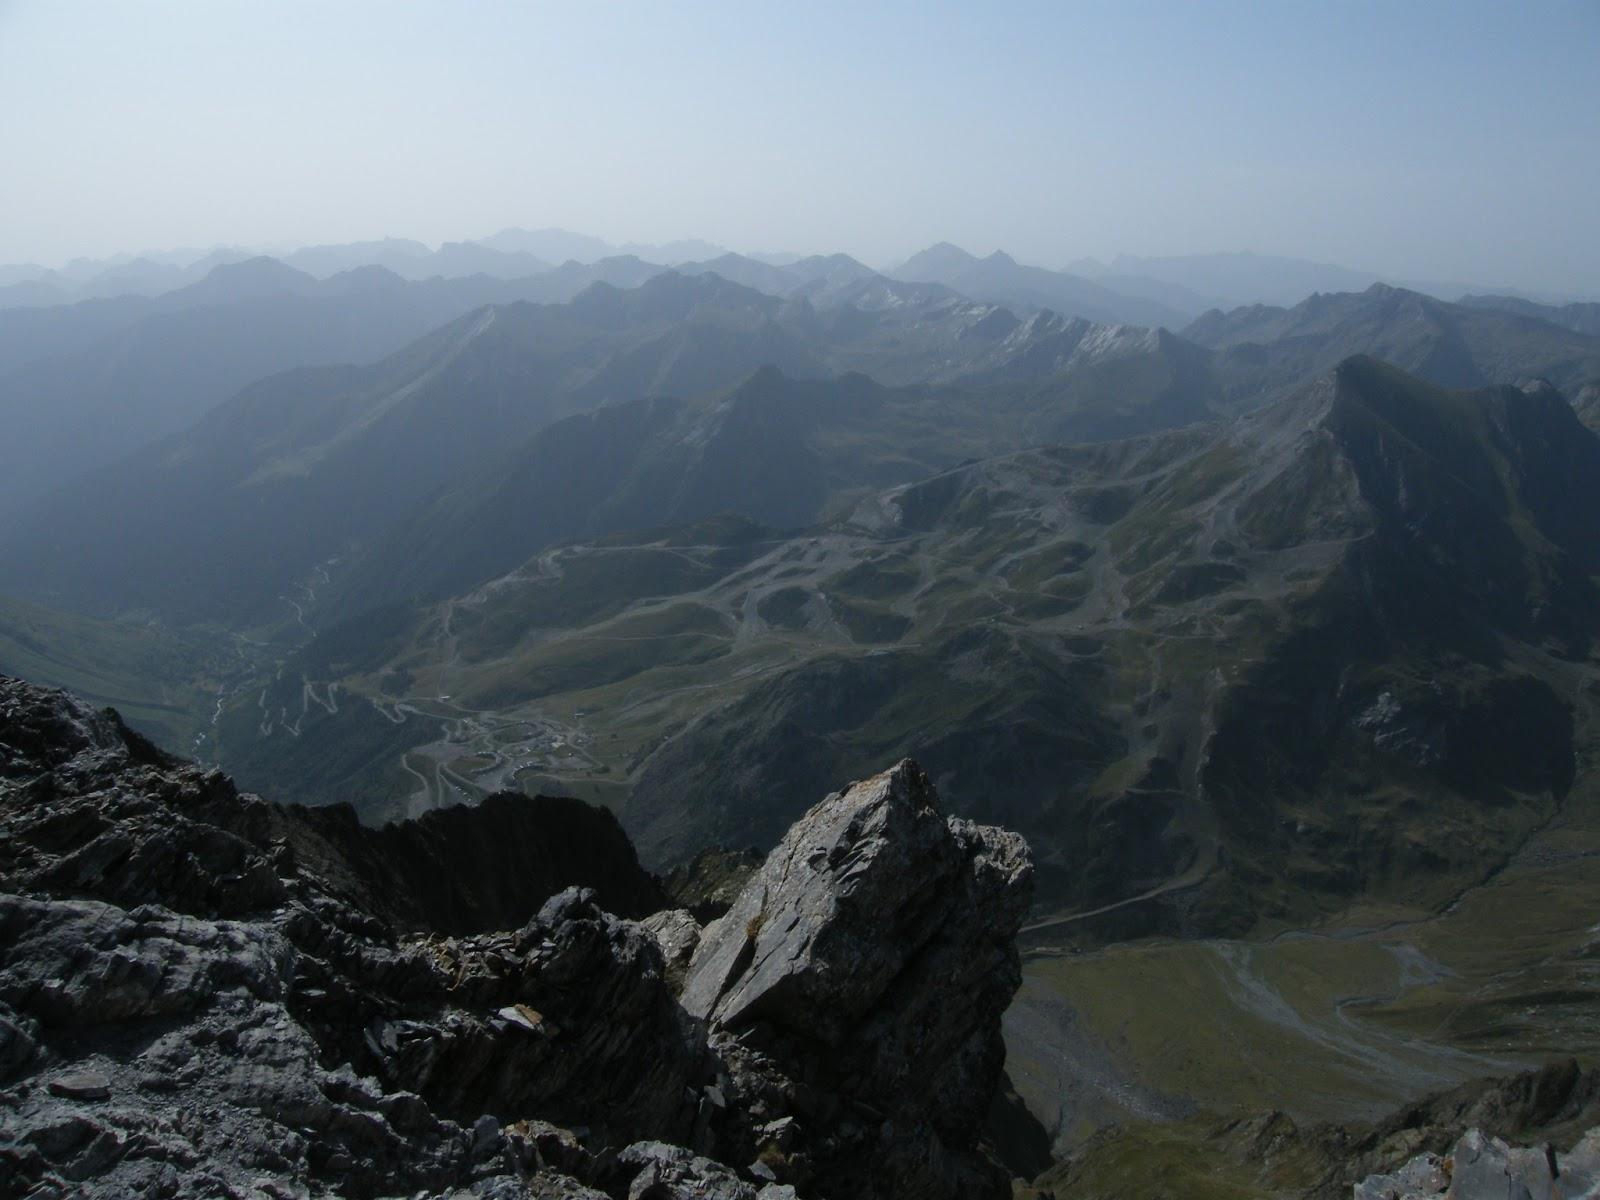 Pistas de esquí Piau-Engaly